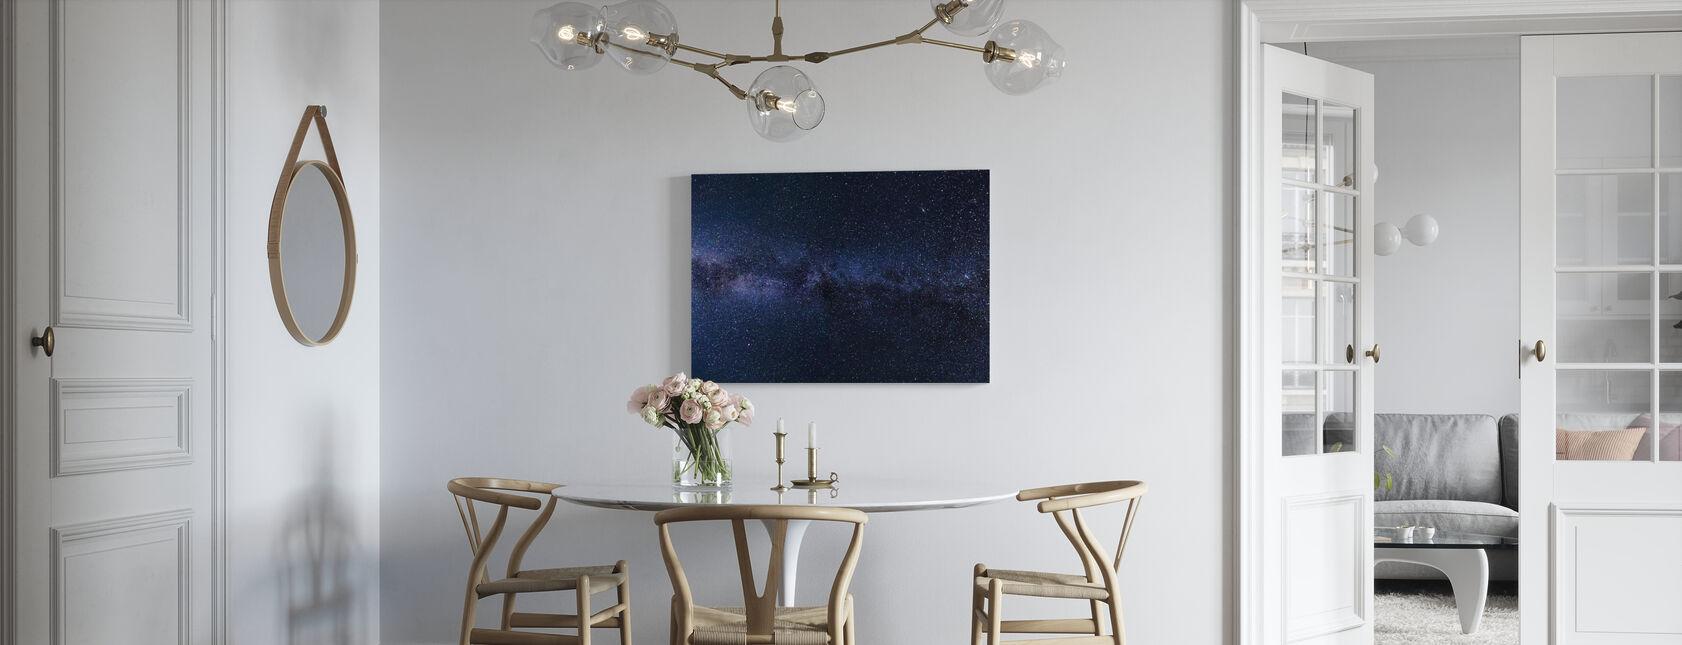 Mystisk stjerneklar himmel - Billede på lærred - Køkken